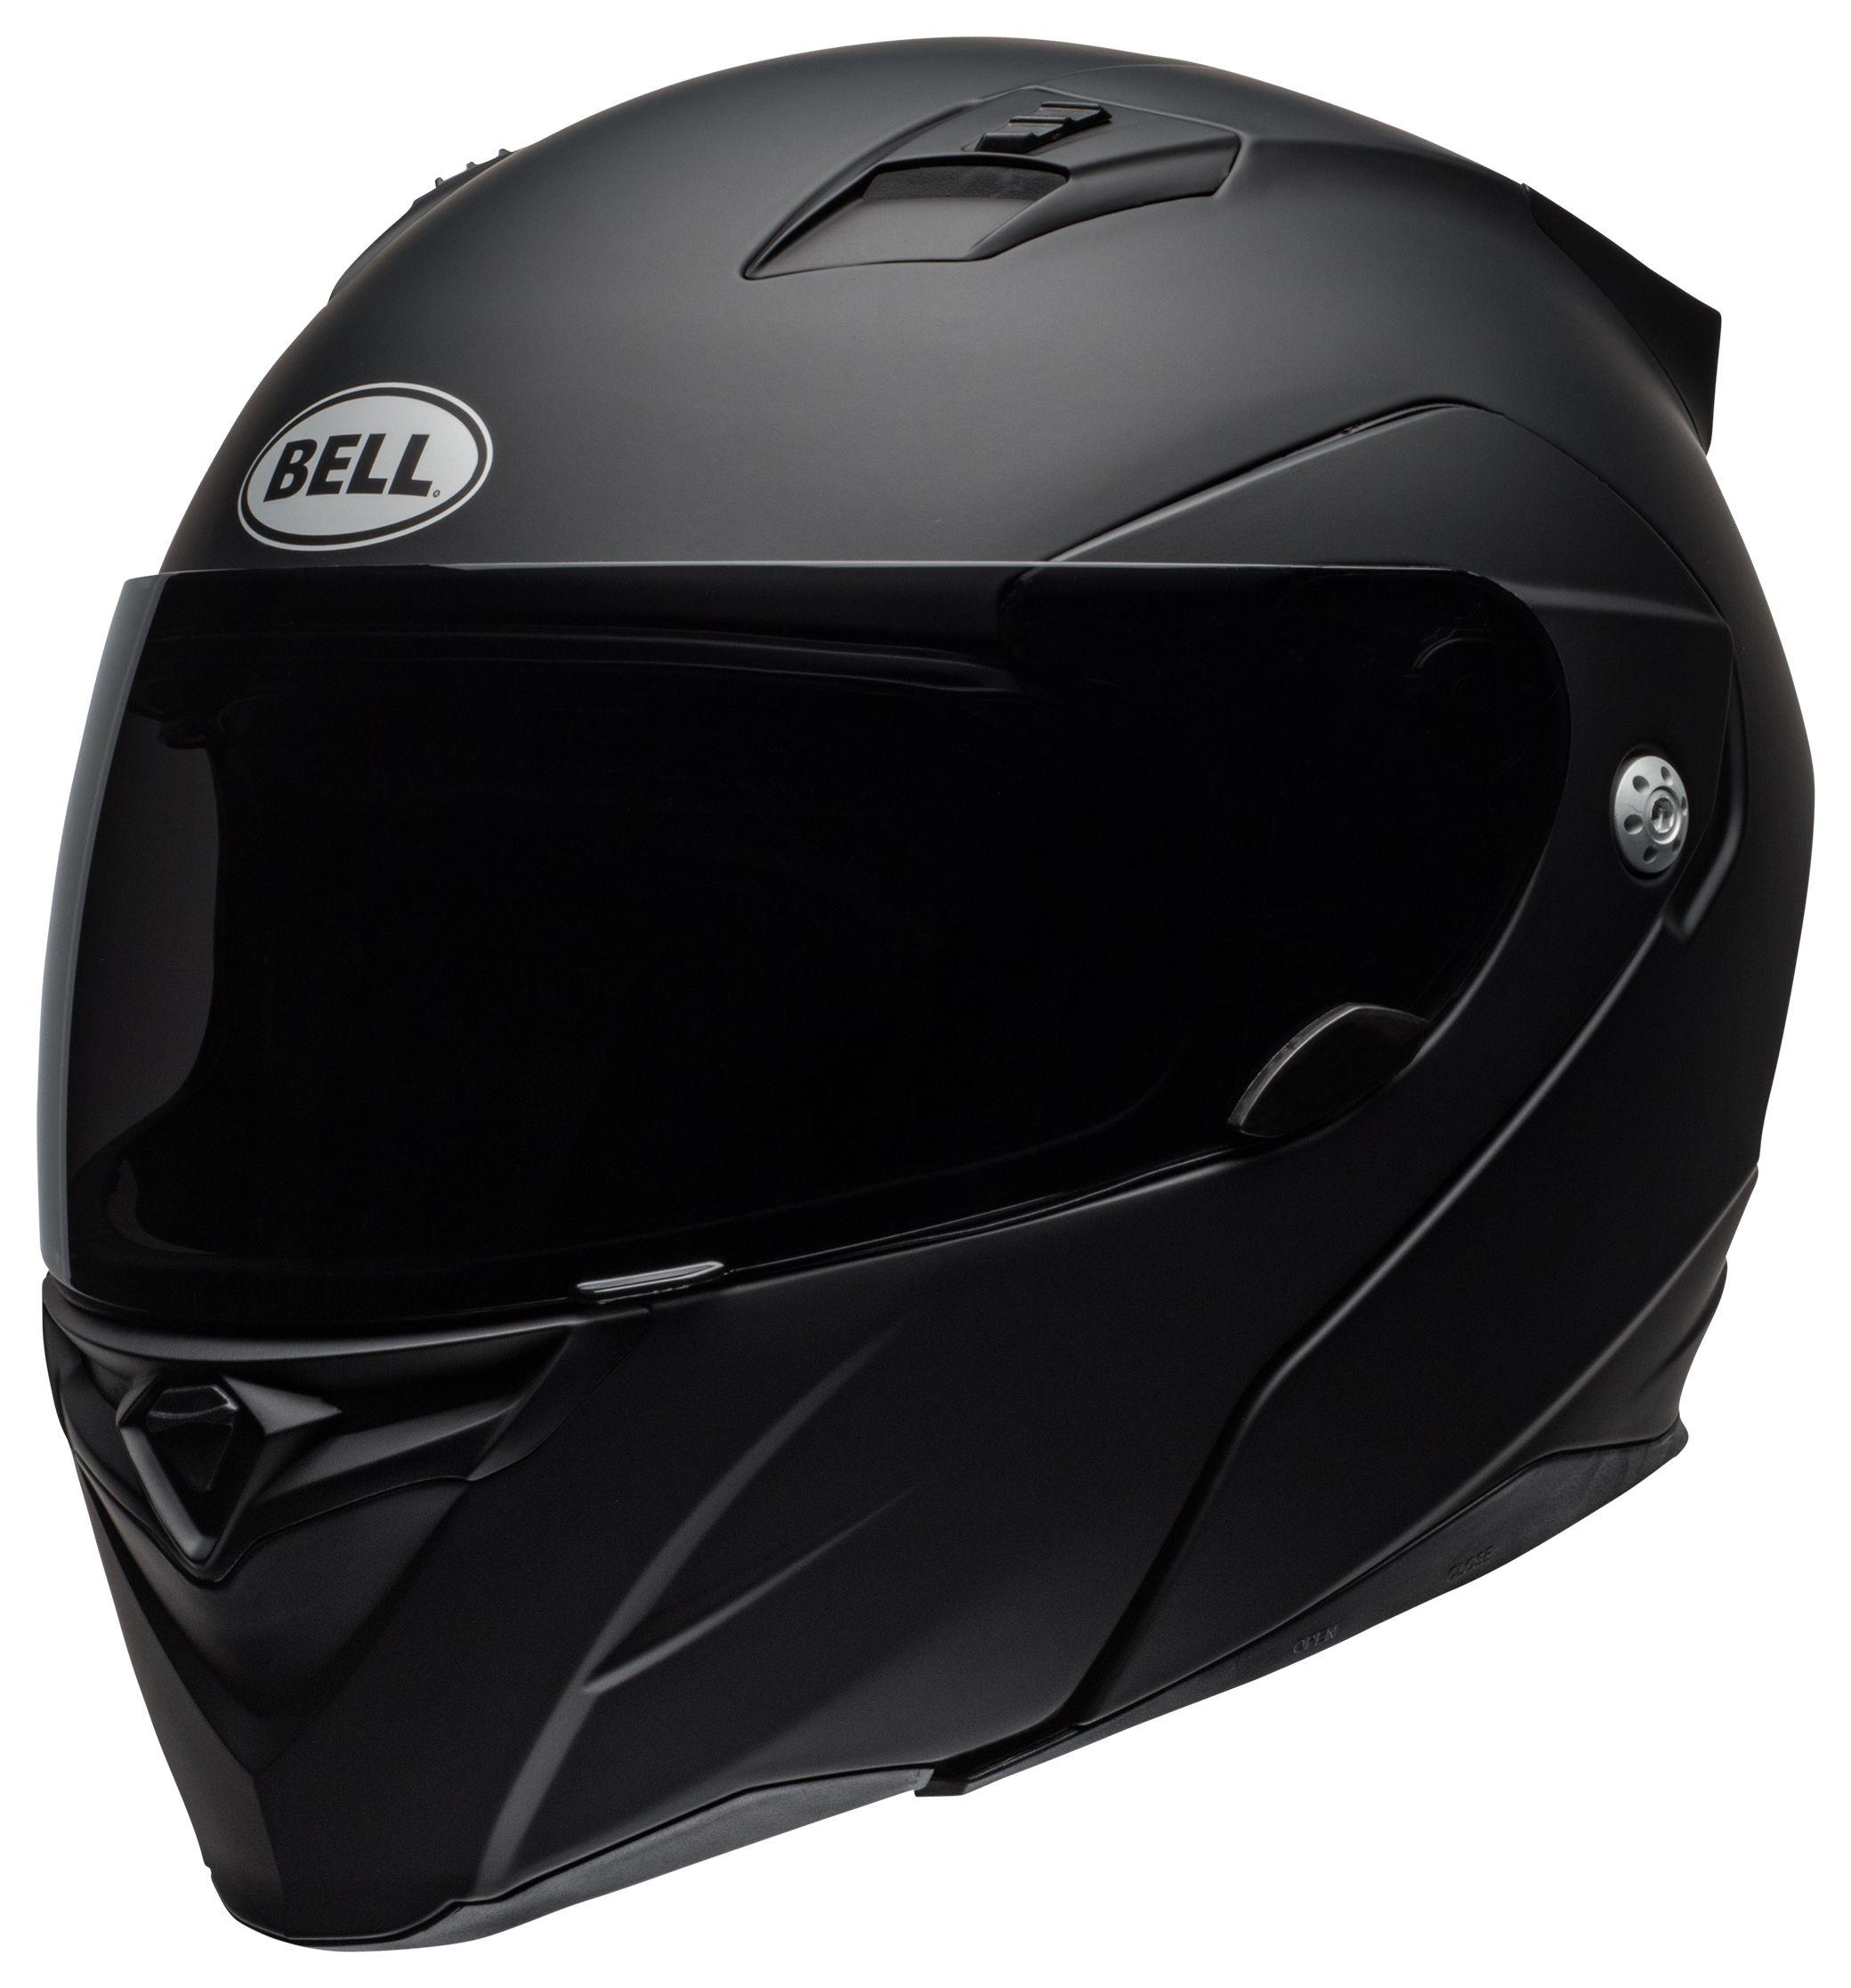 Casque Airoh J 106 Uni Helmets Moto Gear Casque Casque Airoh